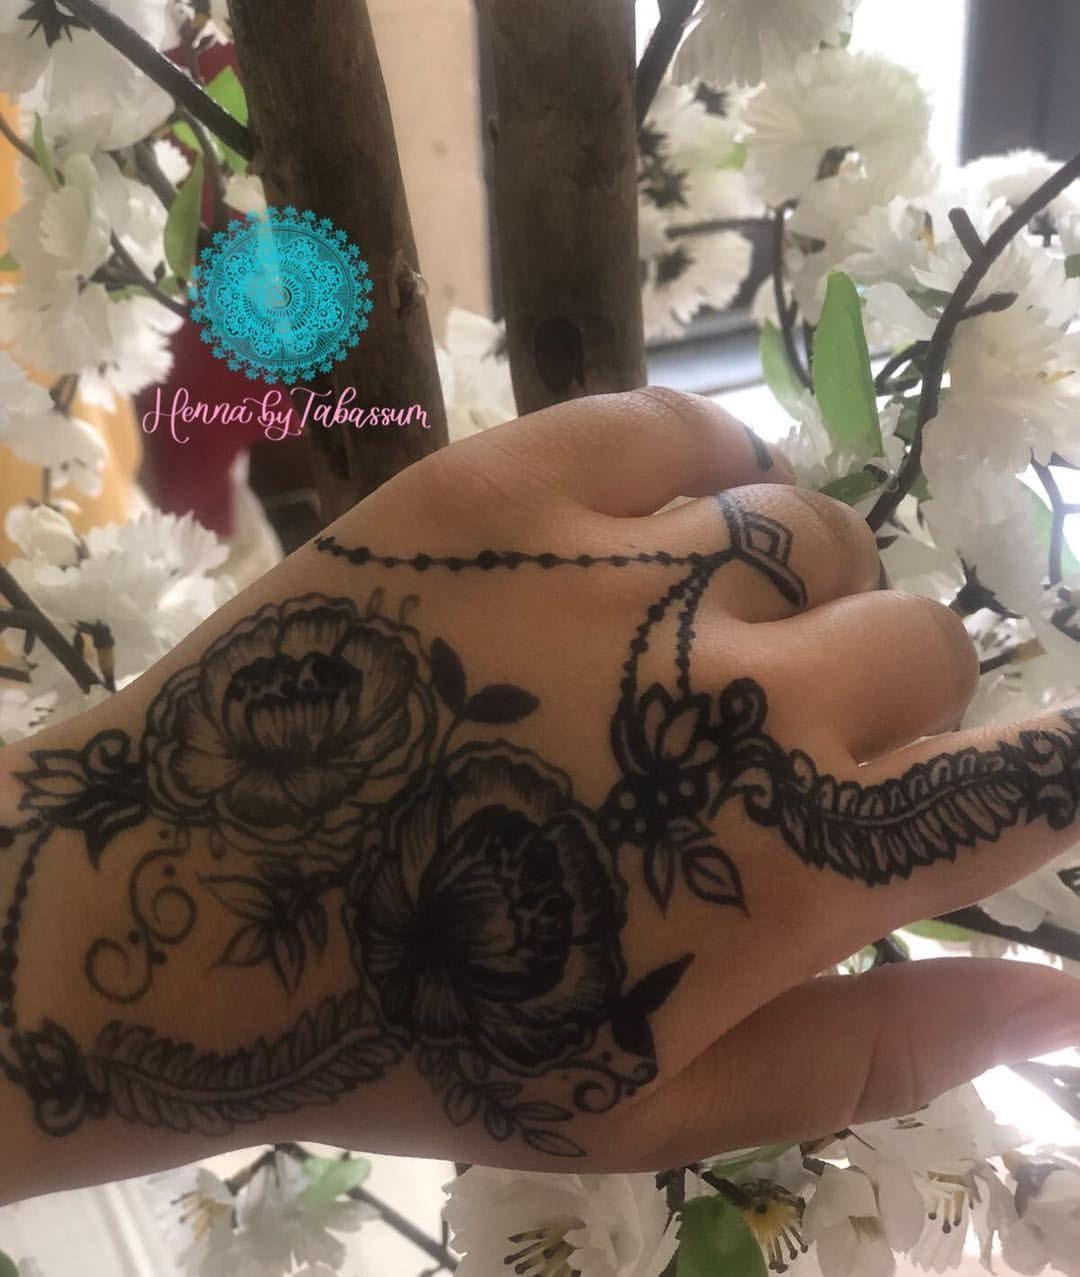 Pin By Henna By Tabassum Uk On Henna Designs Henna Henna Artist